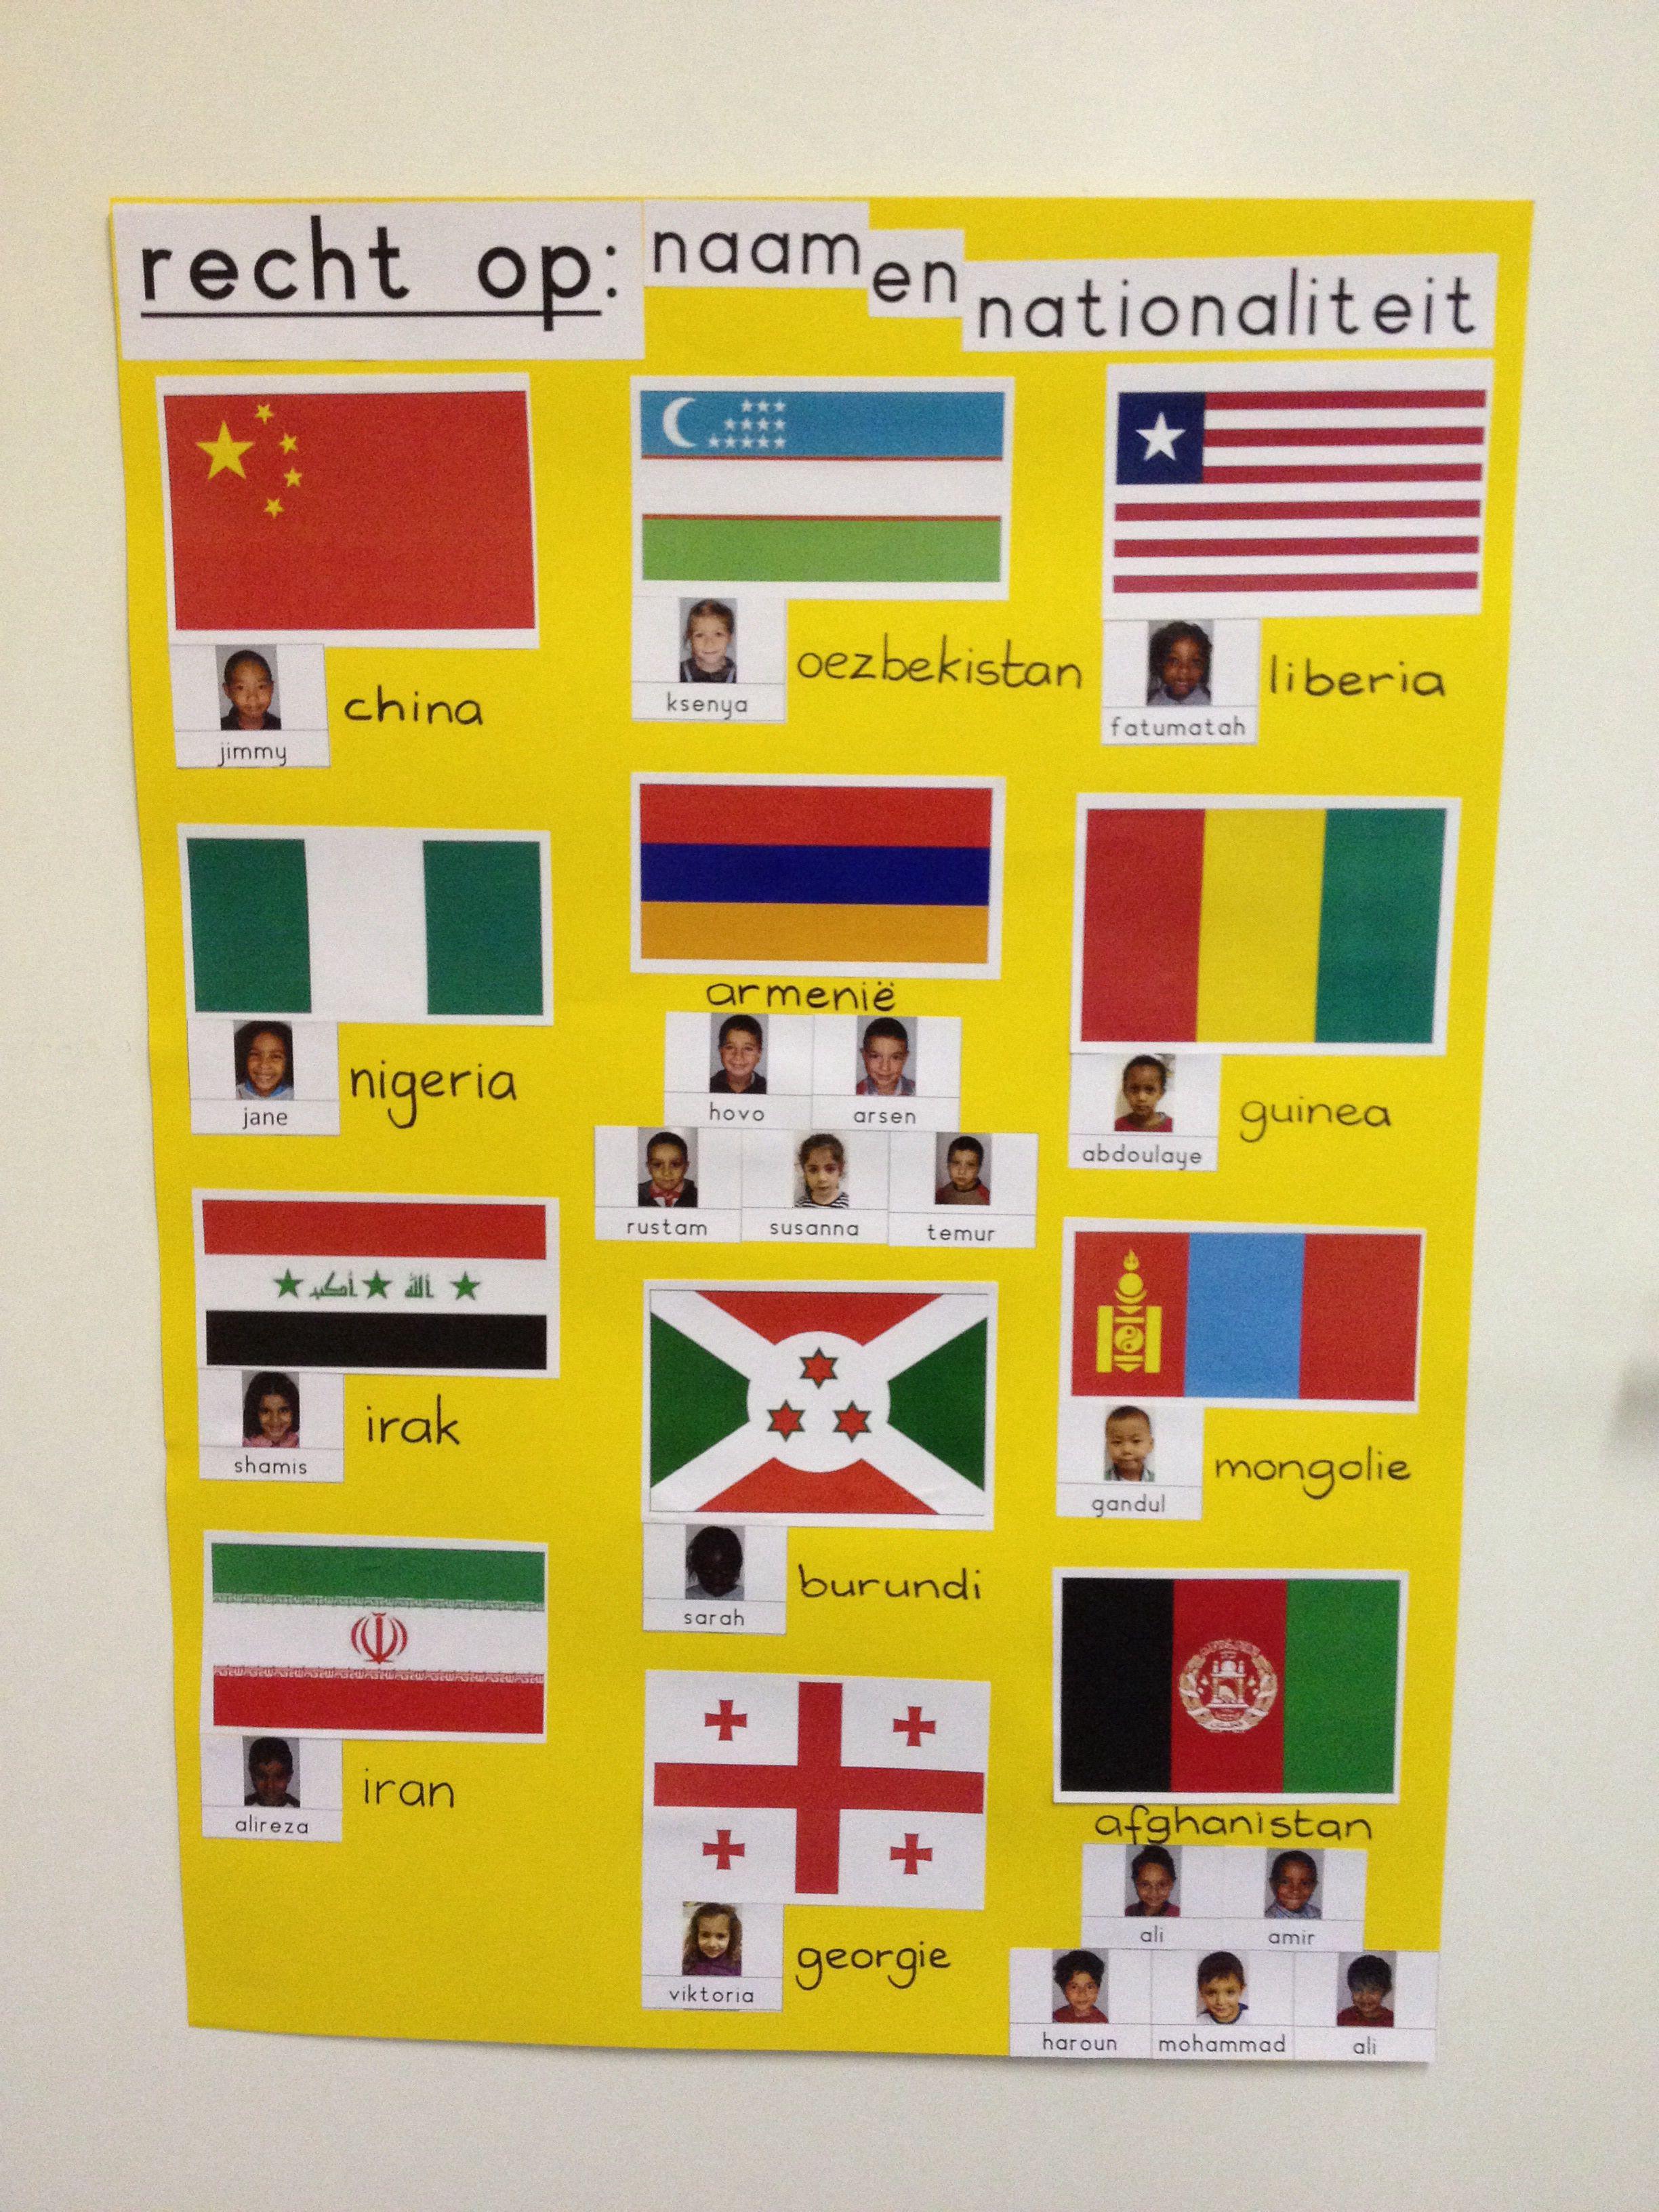 recht op naam en nationaliteit kinderrechten thema